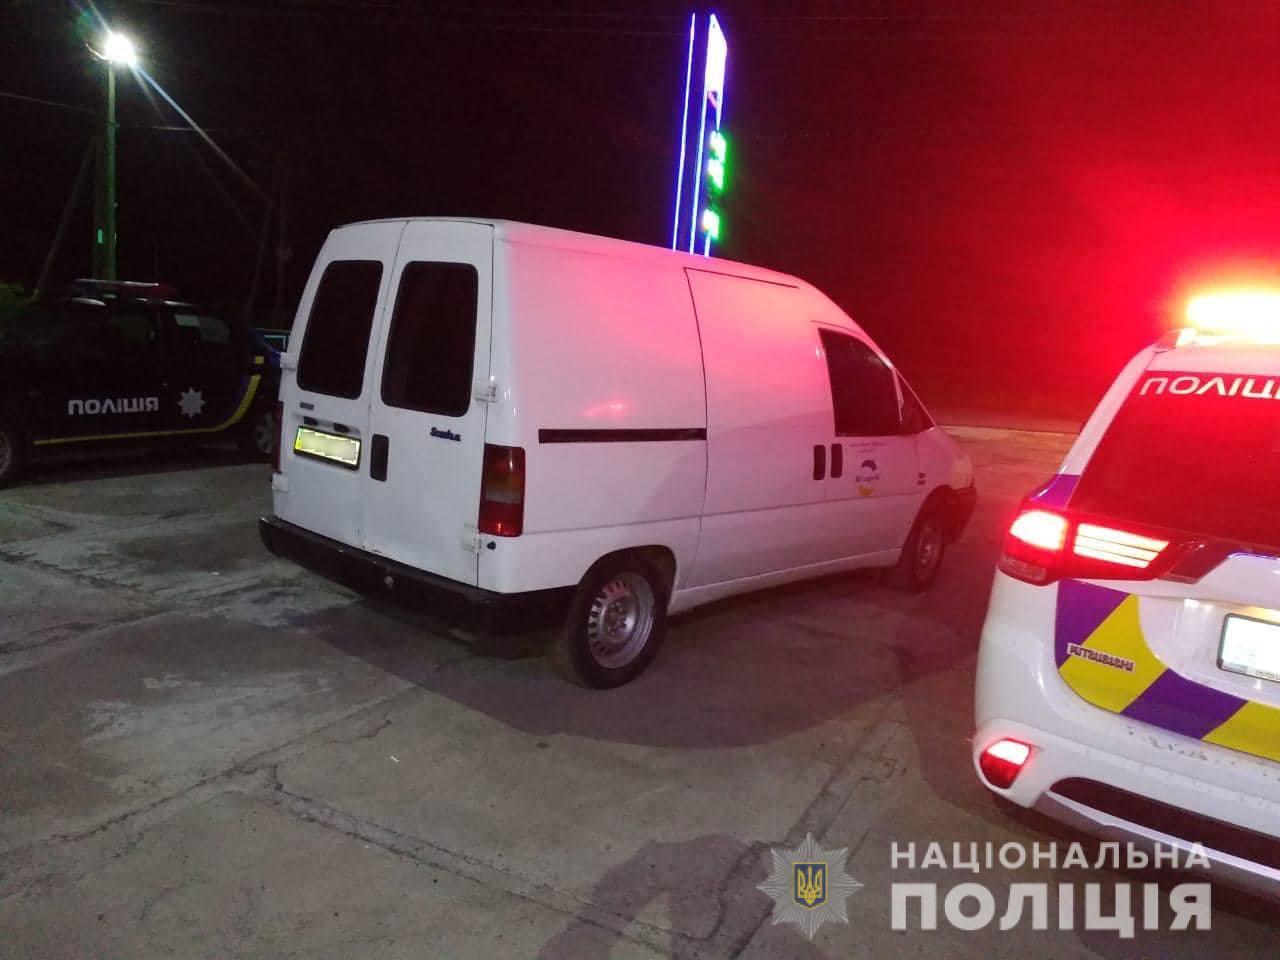 Двом молодикам, які вчинили розбійний напад на Городенківщині, оголосили підозру